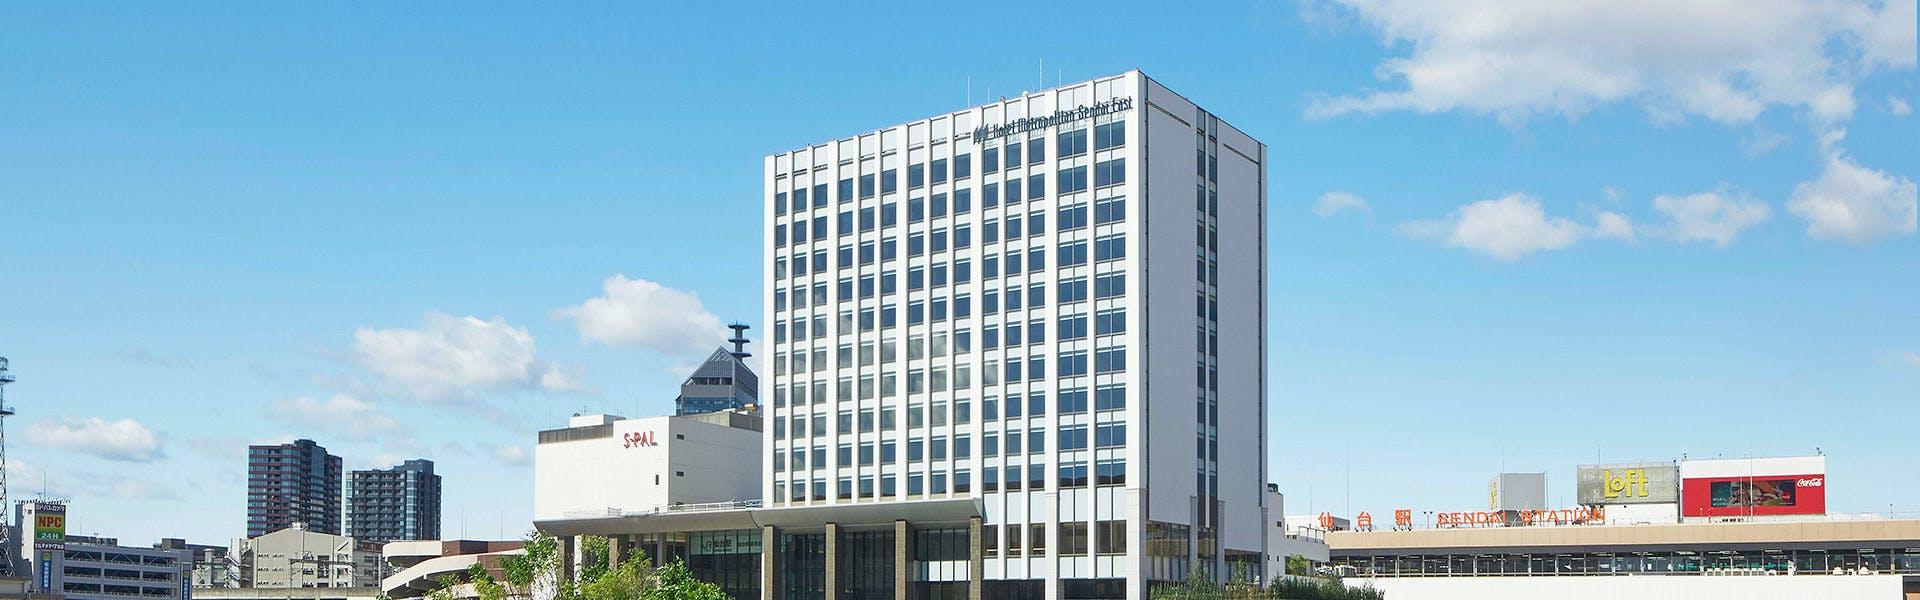 インター 仙台 空港 スーパー ホテル